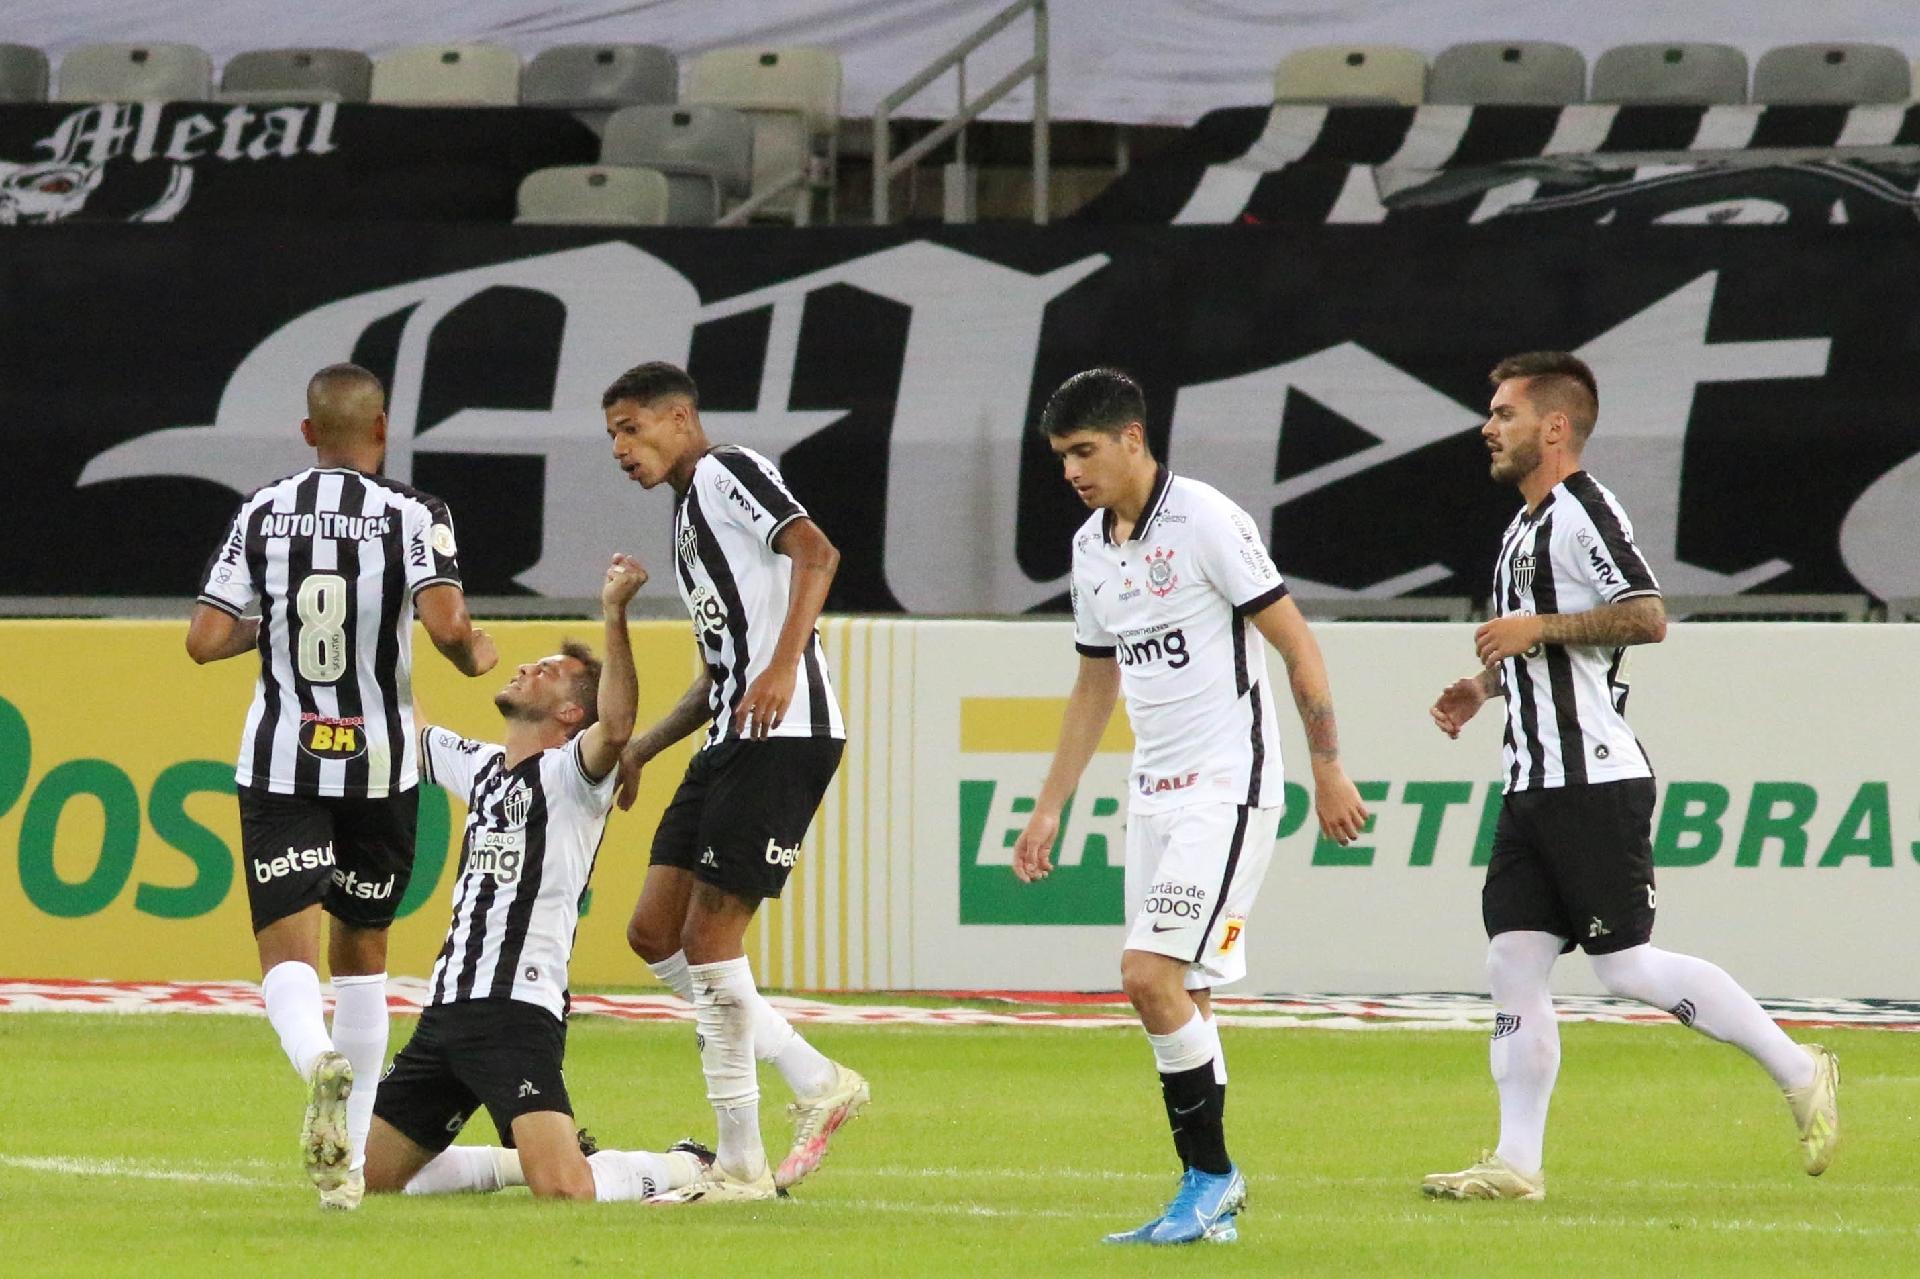 Atletico Mg Sufoca E Vence Corinthians De Virada Com 3 Gols Em 15 Minutos